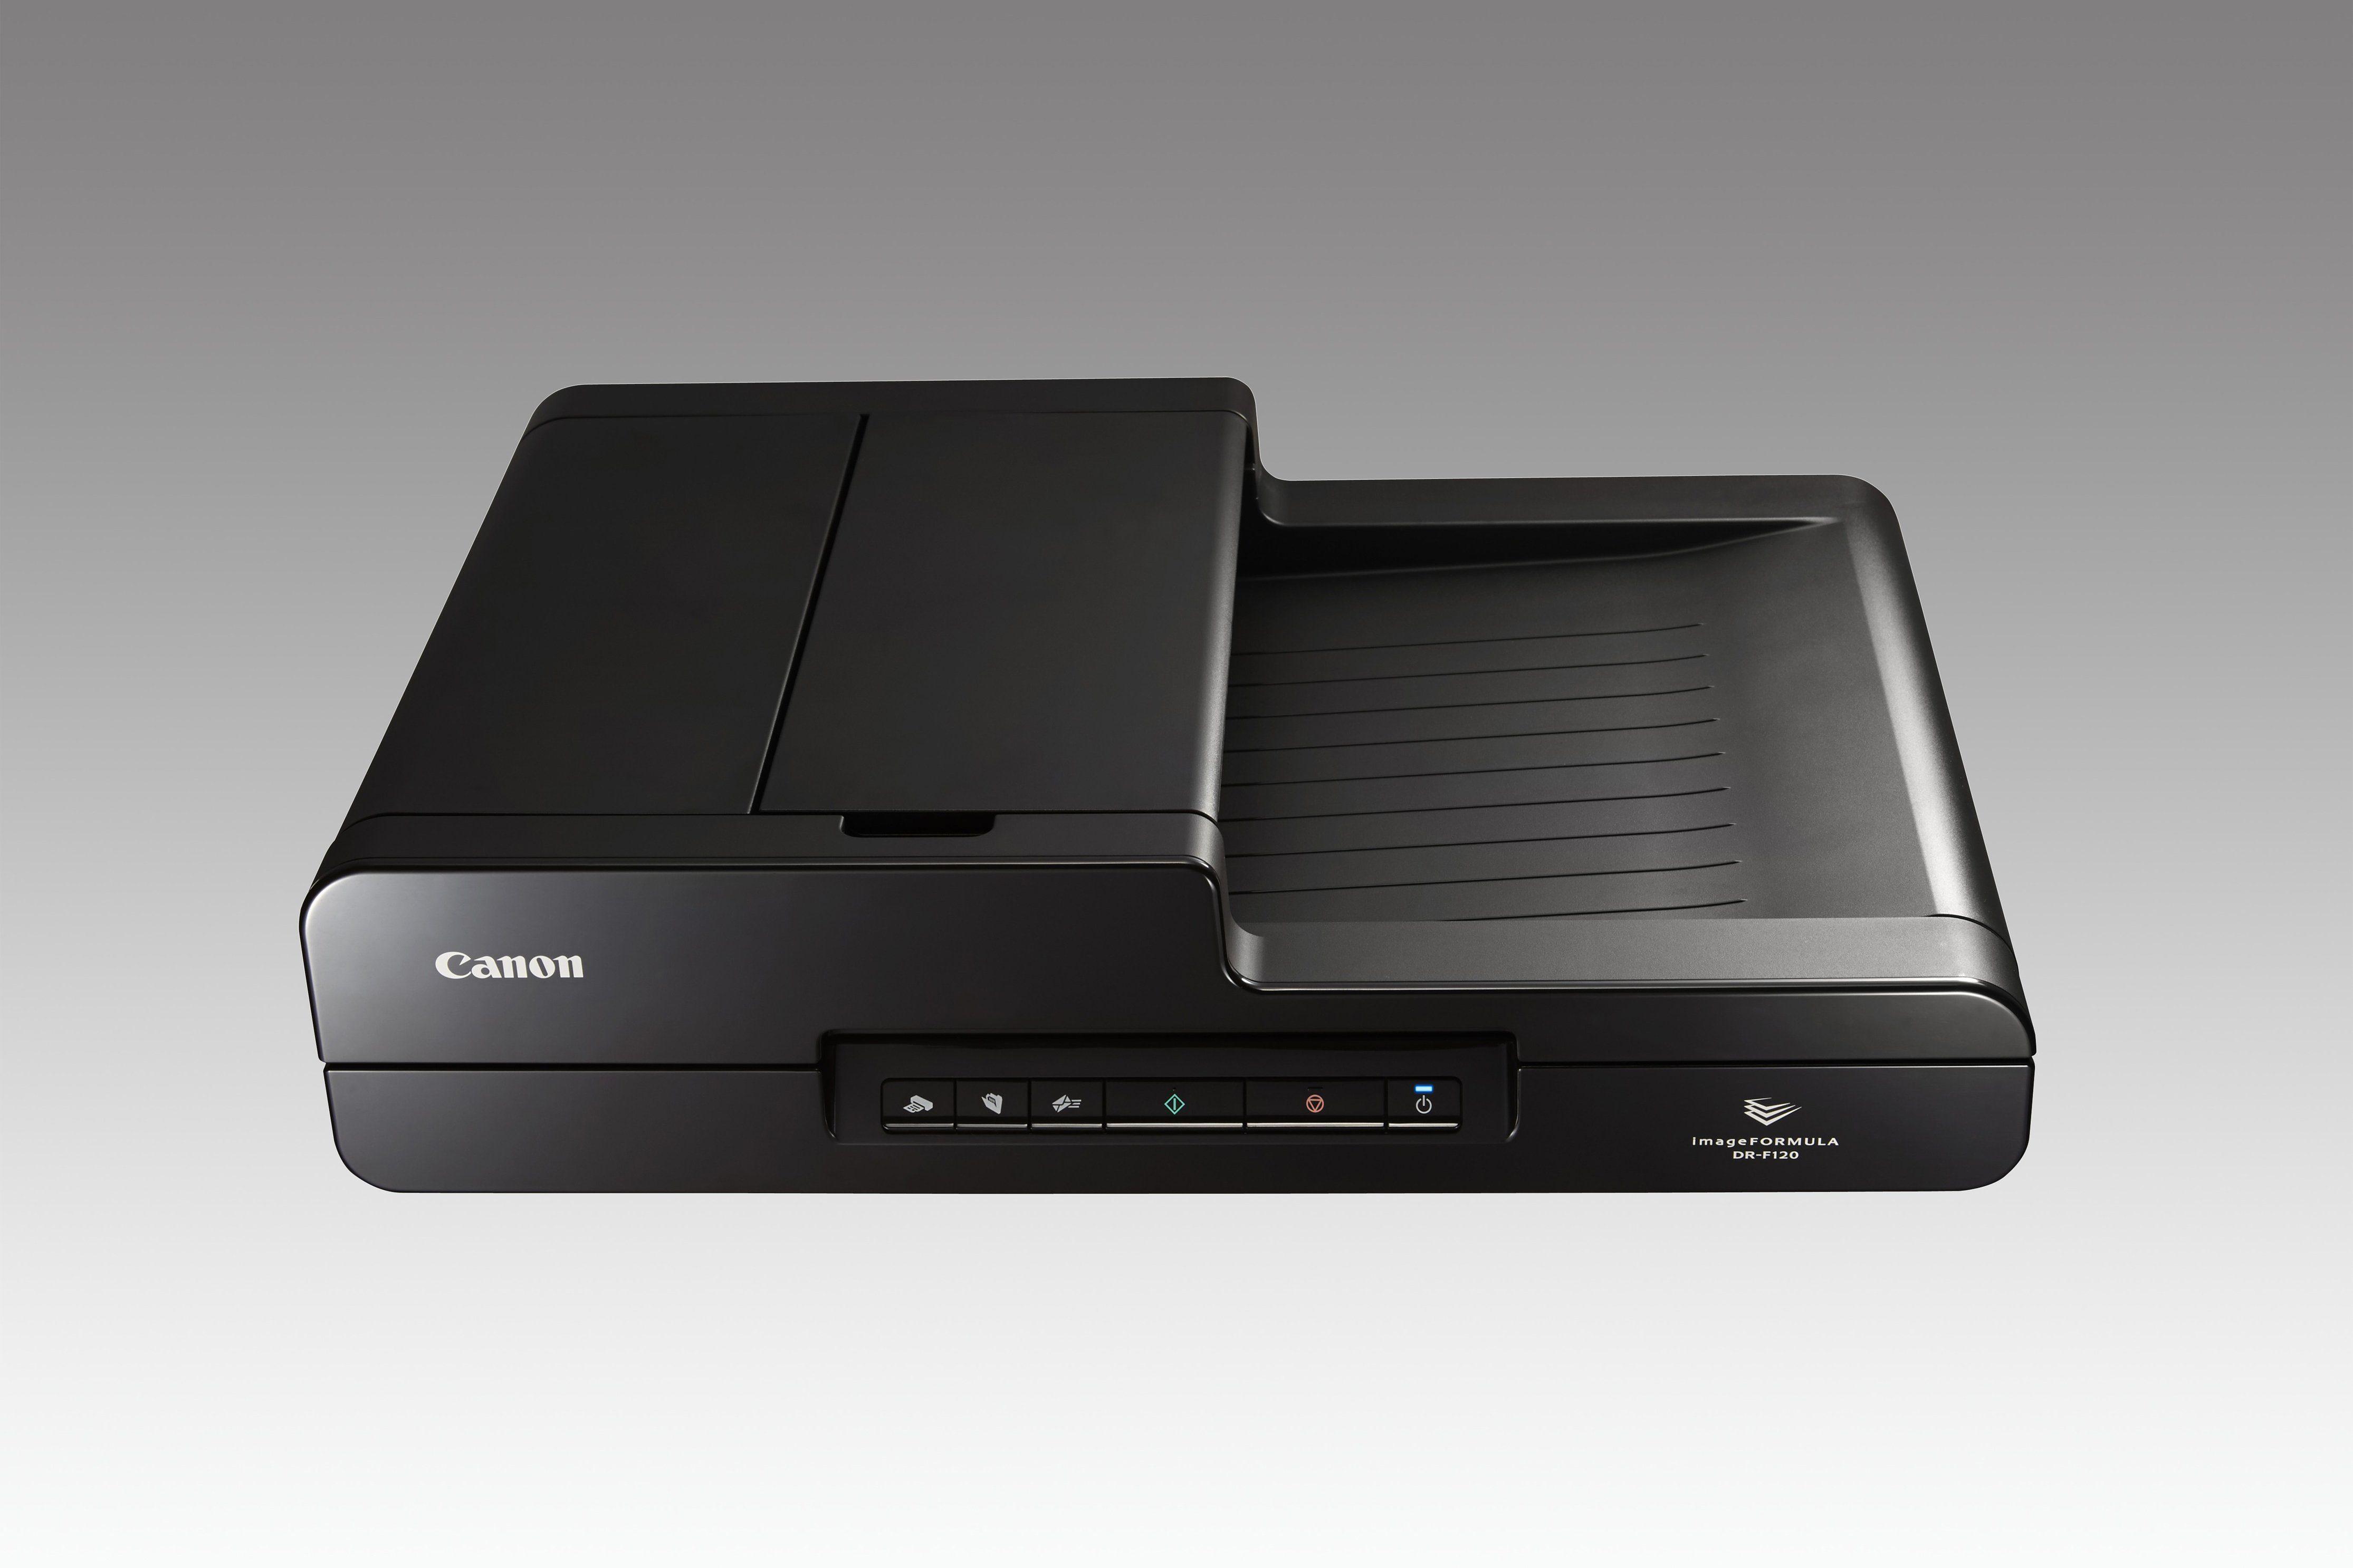 Canon Dokumentenscanner »imageFORMULA DR-F120«